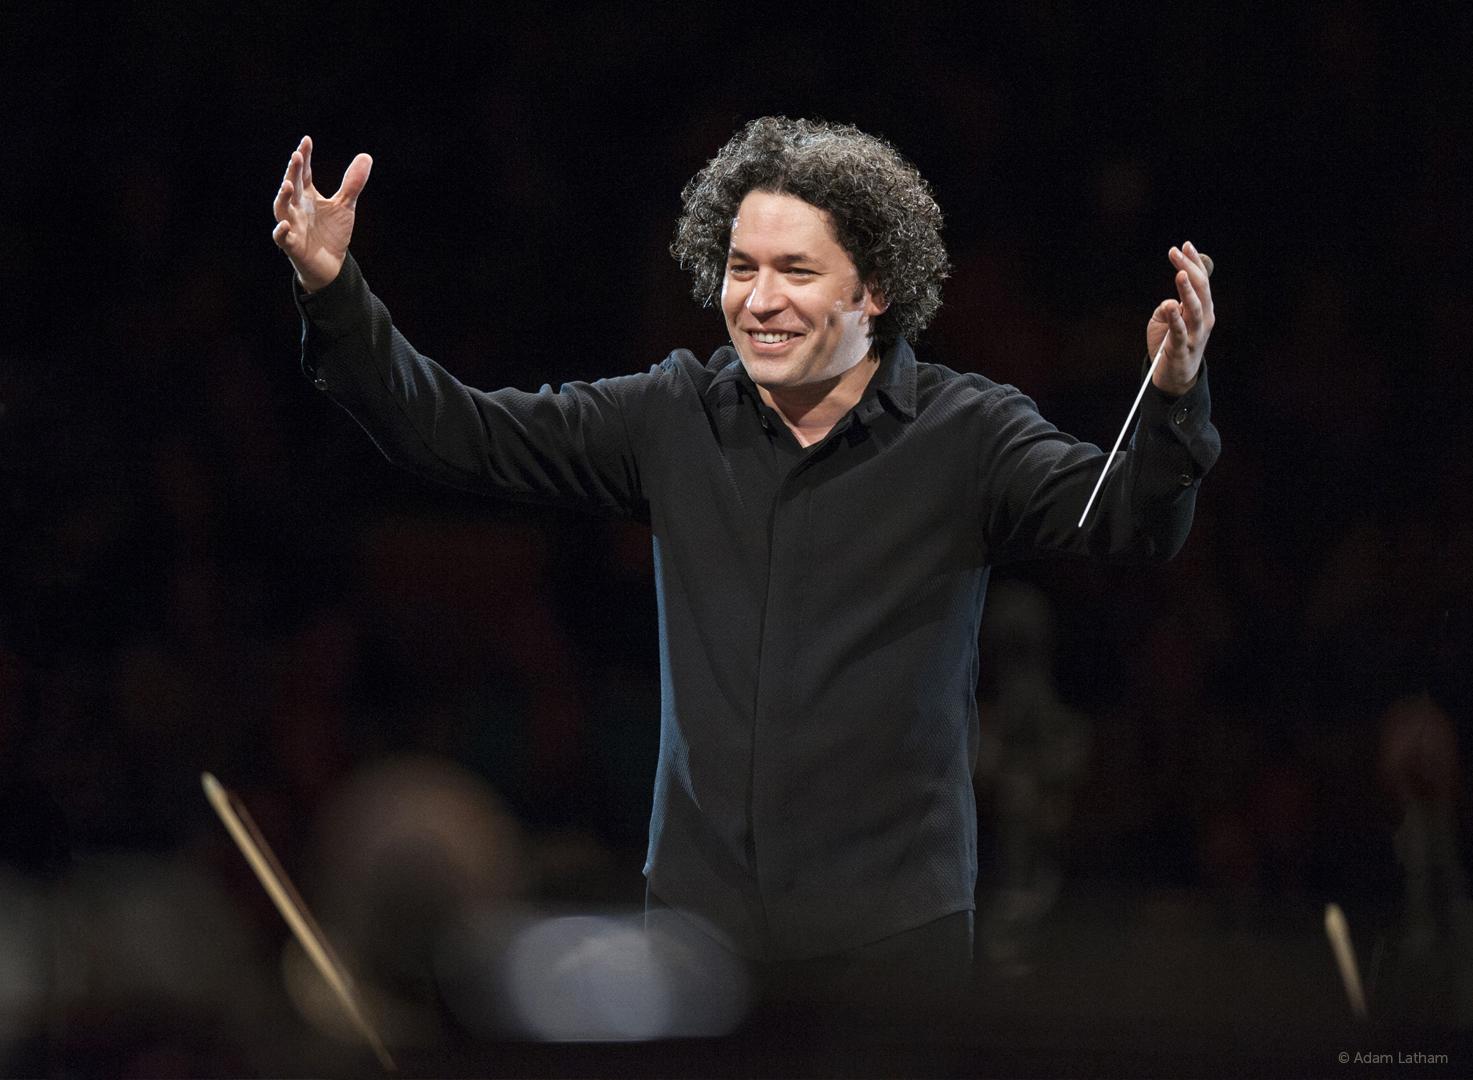 Gustavo Dudamel dirigirá a la Sinfónica de Galicia en el concierto de la segunda edición de Palabras para Galicia que organiza ABANCA y con la que conmemora el 300 aniversario de la fundación del Banco Echeverría